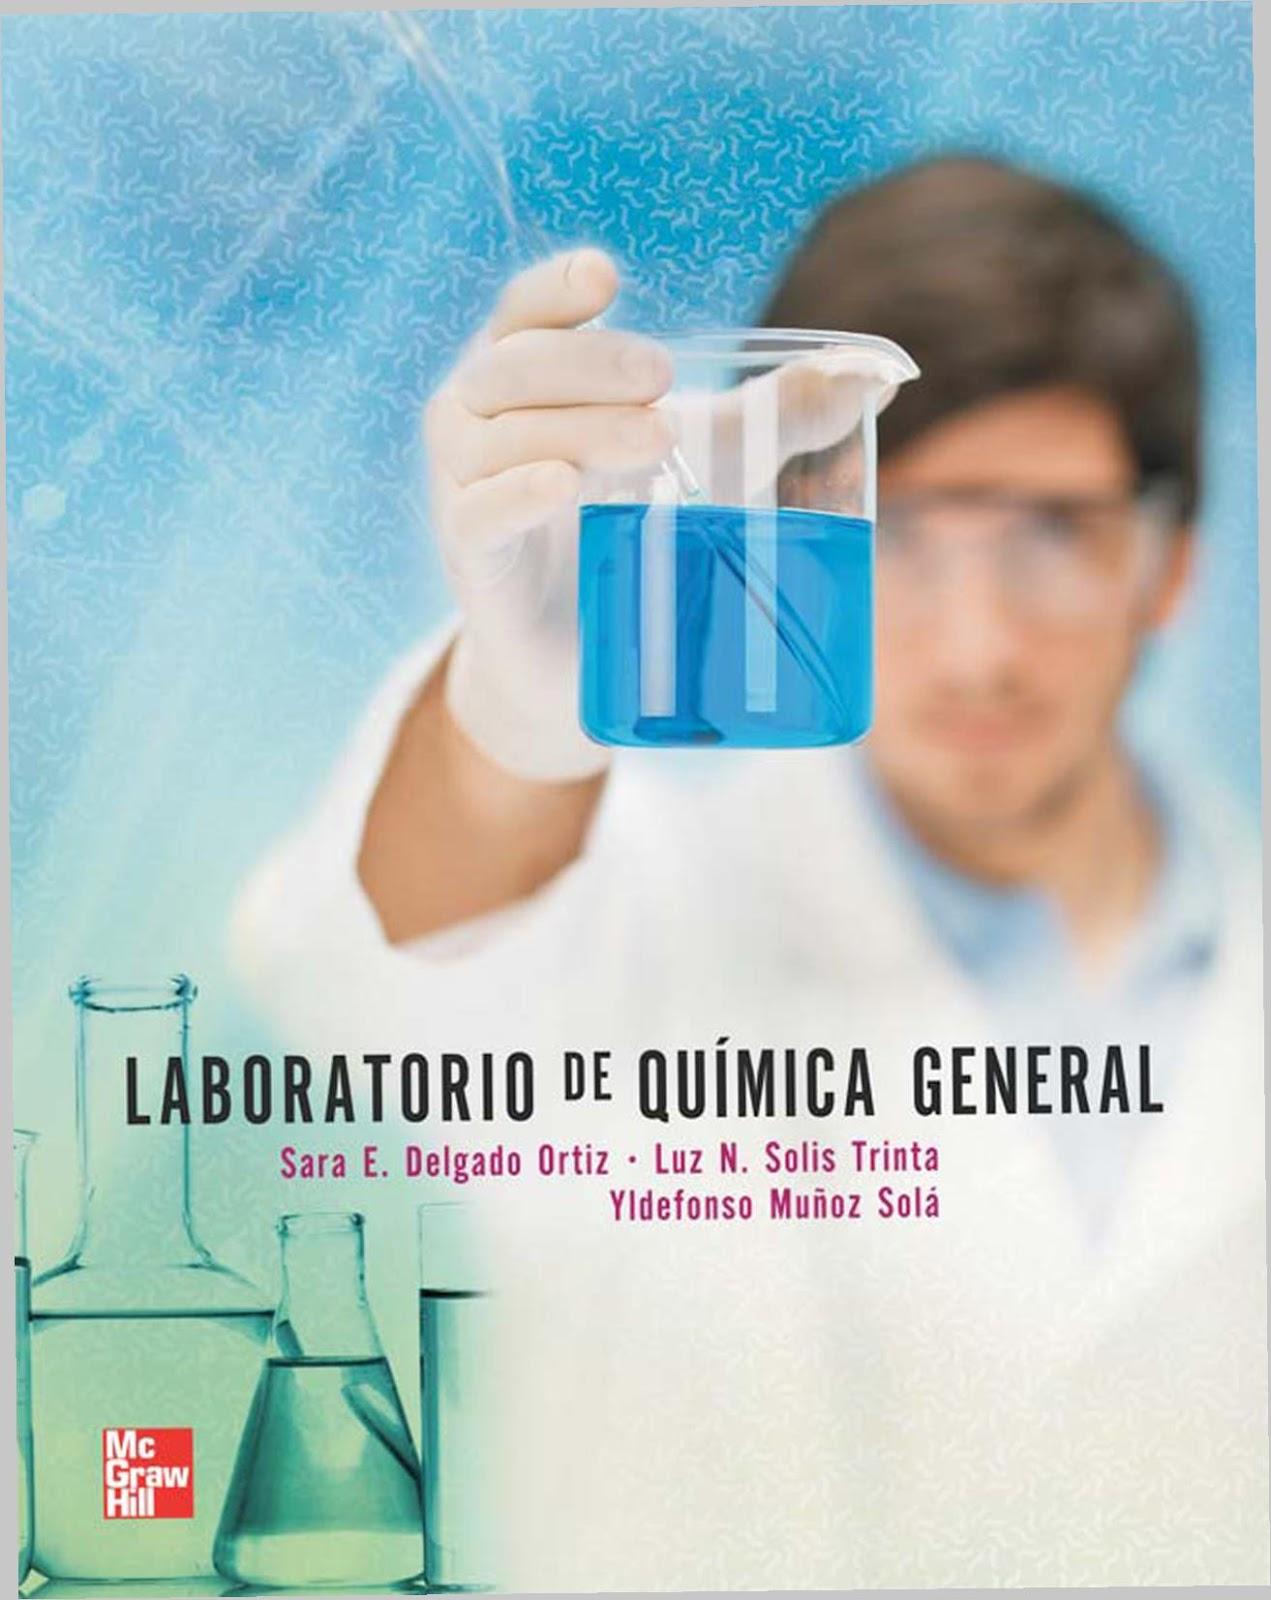 Laboratorio de química general – Sara E. Delgado Ortiz